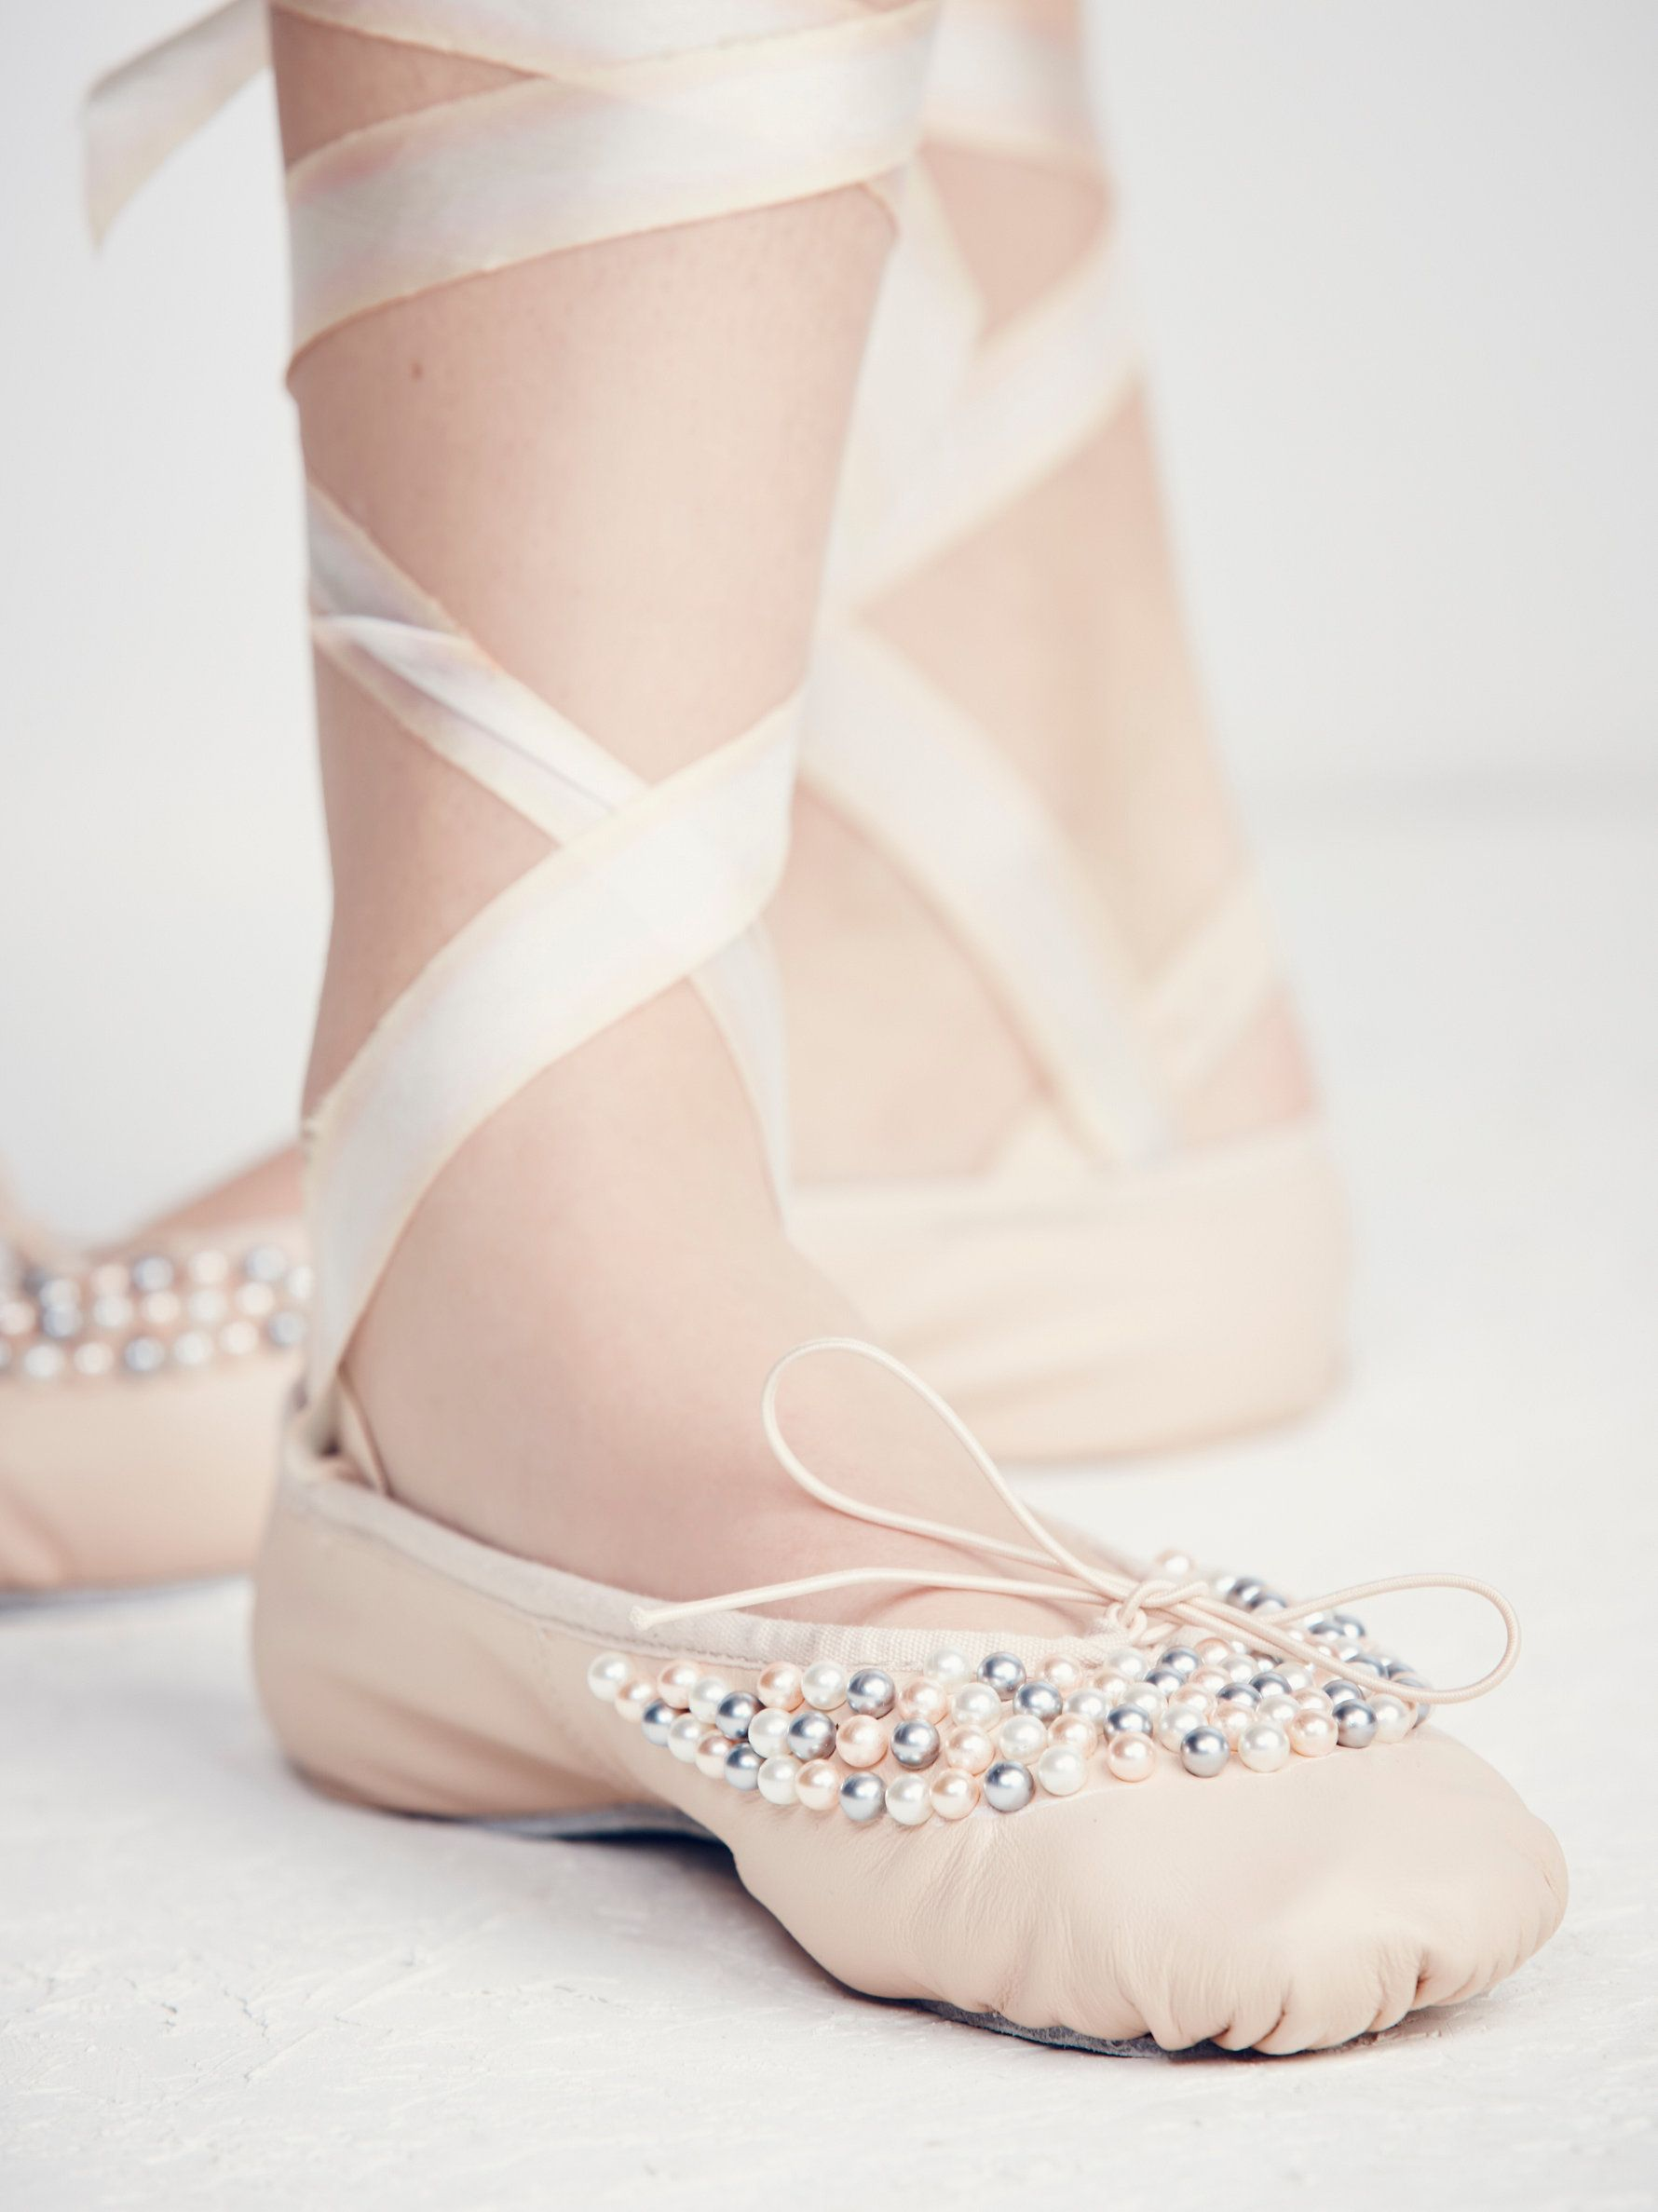 Slippers, Birkenstock Sandals